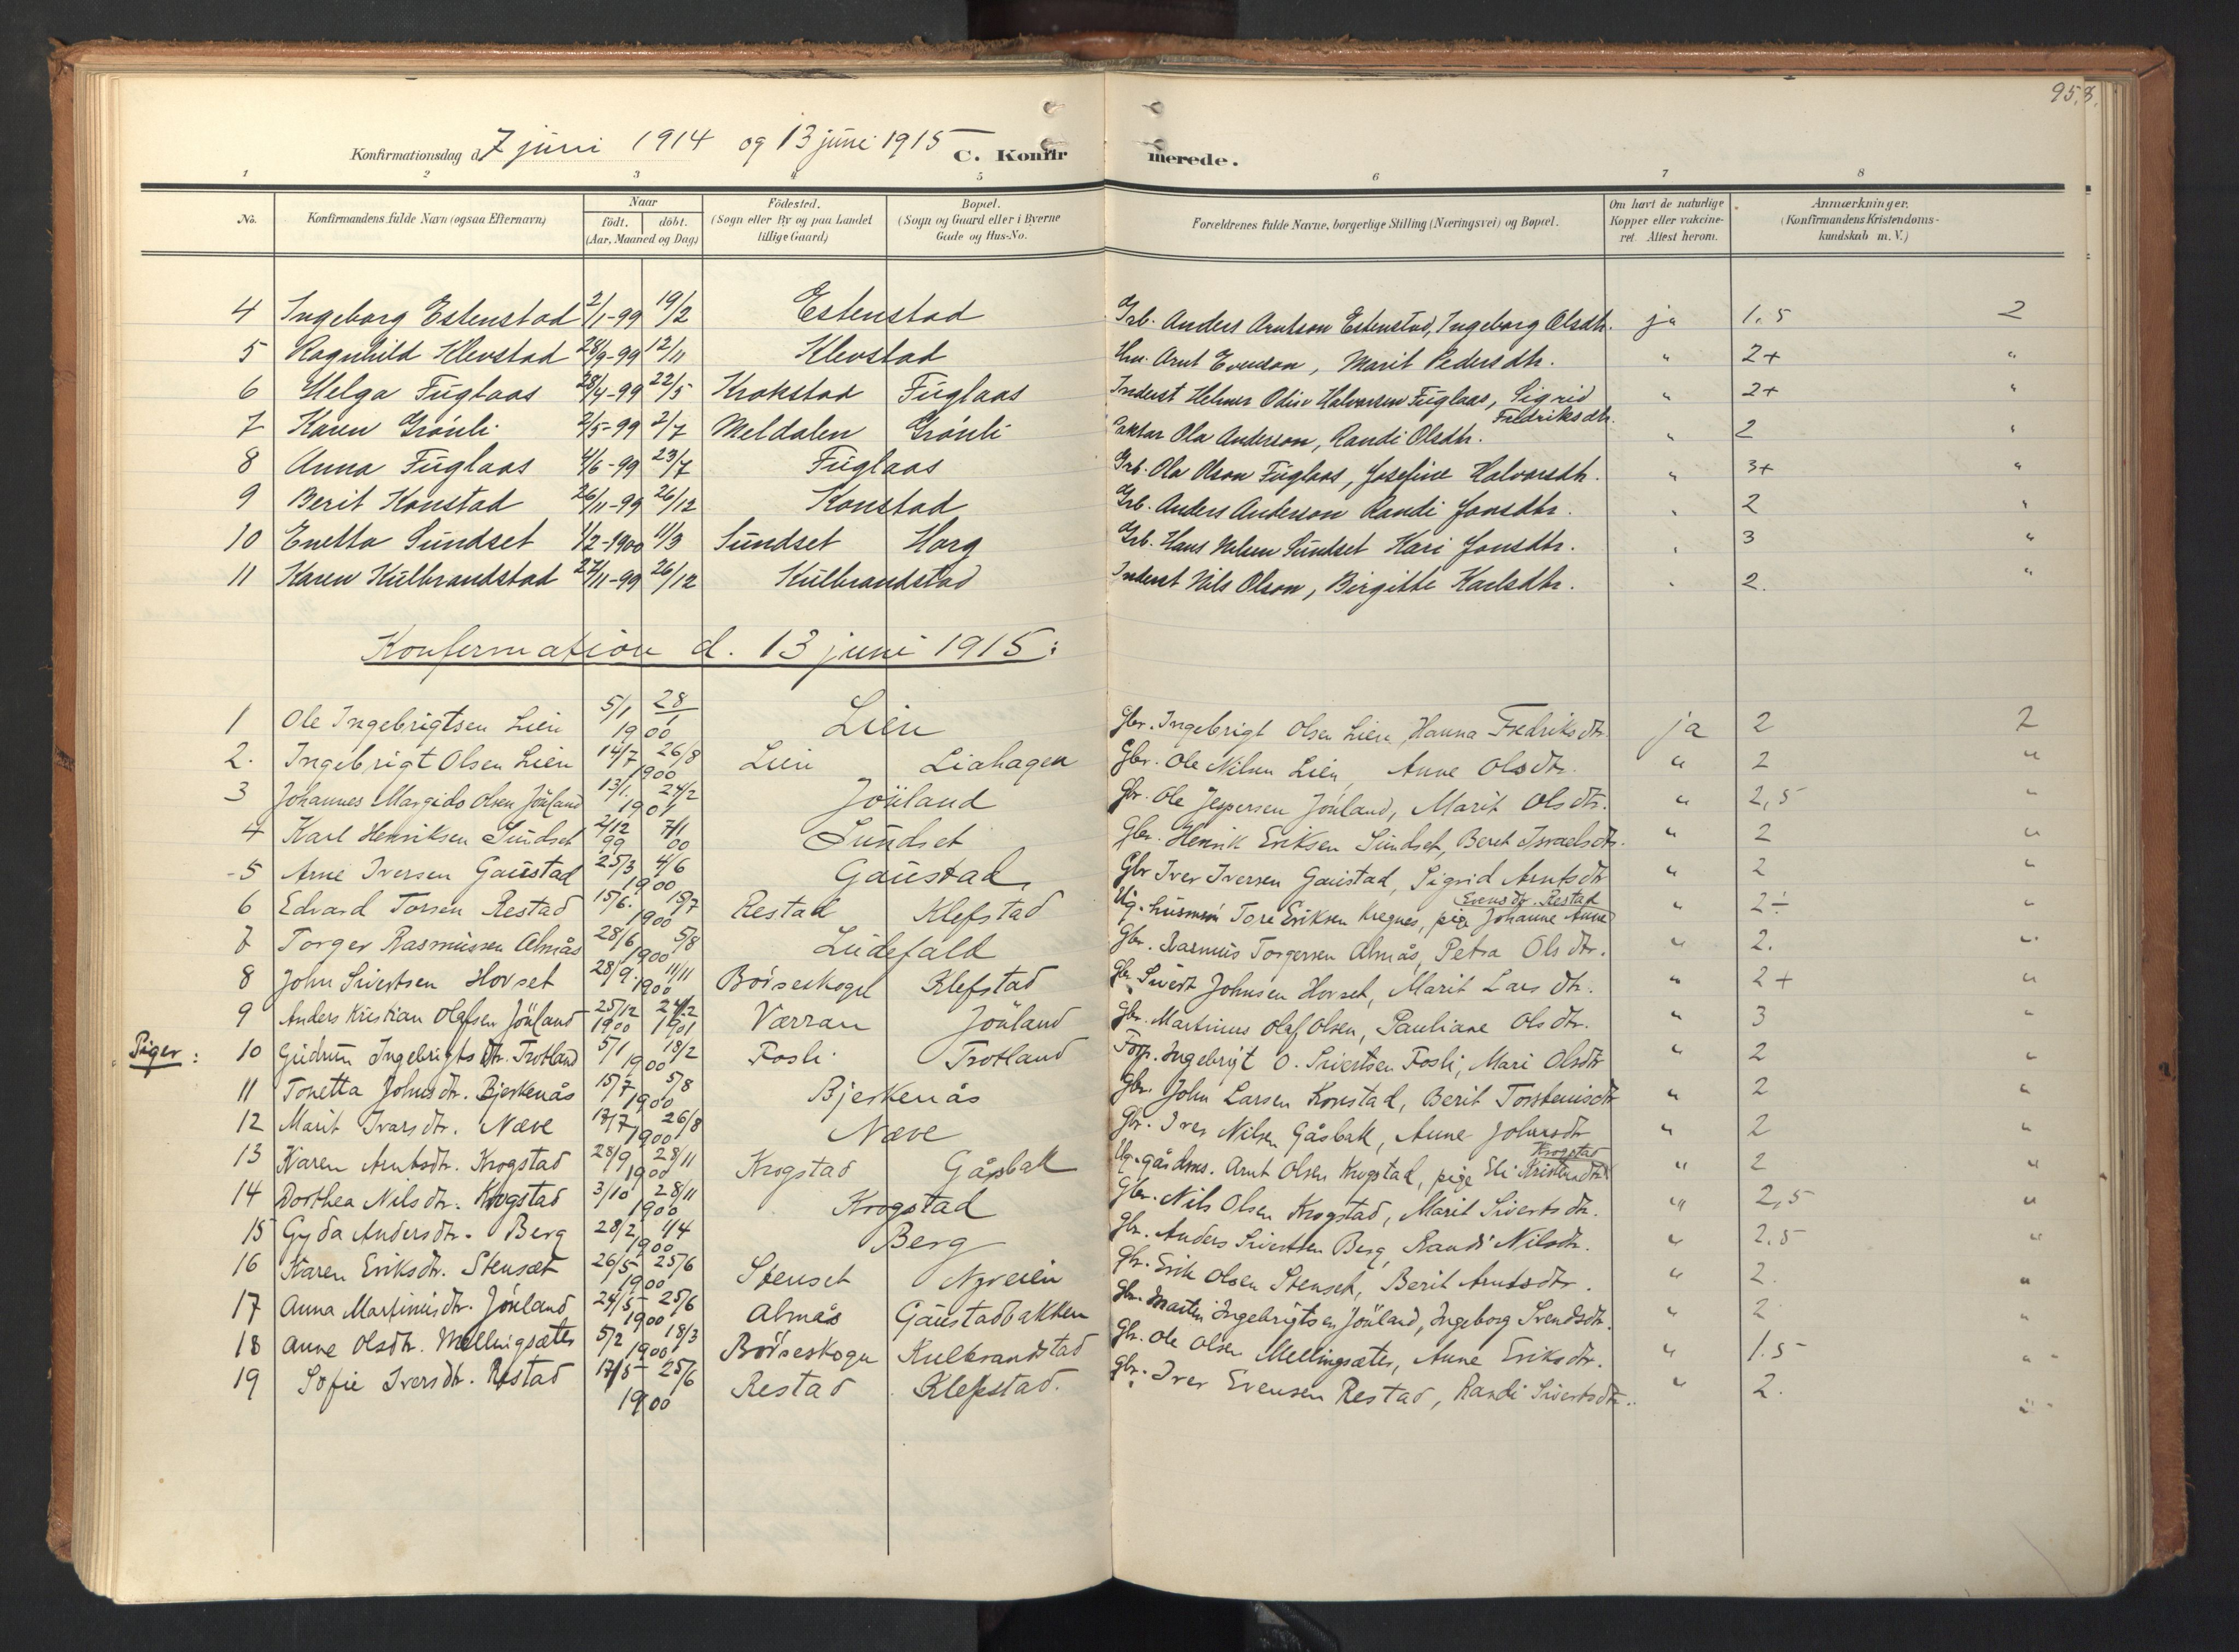 SAT, Ministerialprotokoller, klokkerbøker og fødselsregistre - Sør-Trøndelag, 694/L1128: Ministerialbok nr. 694A02, 1906-1931, s. 95